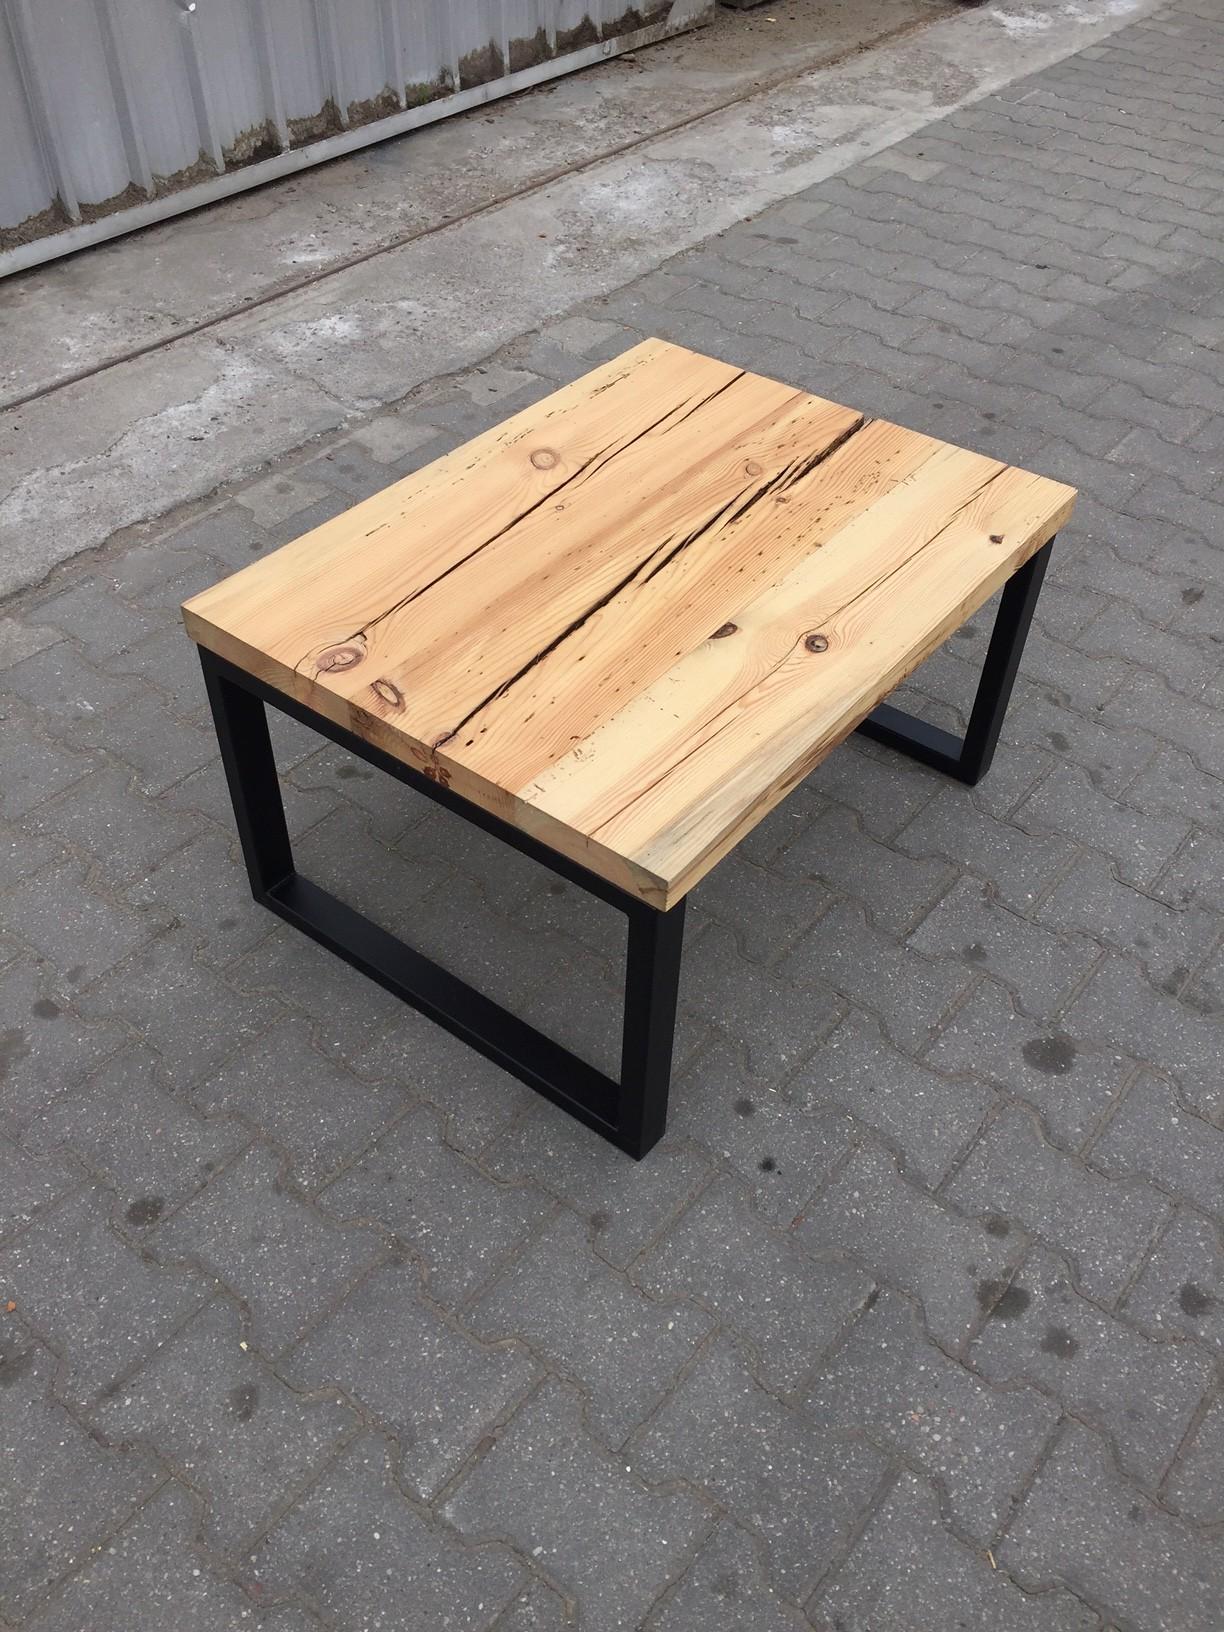 Niewiarygodnie Stolik kawowy ze starego drewna. Niepowtarzalny - 7295886862 RD06